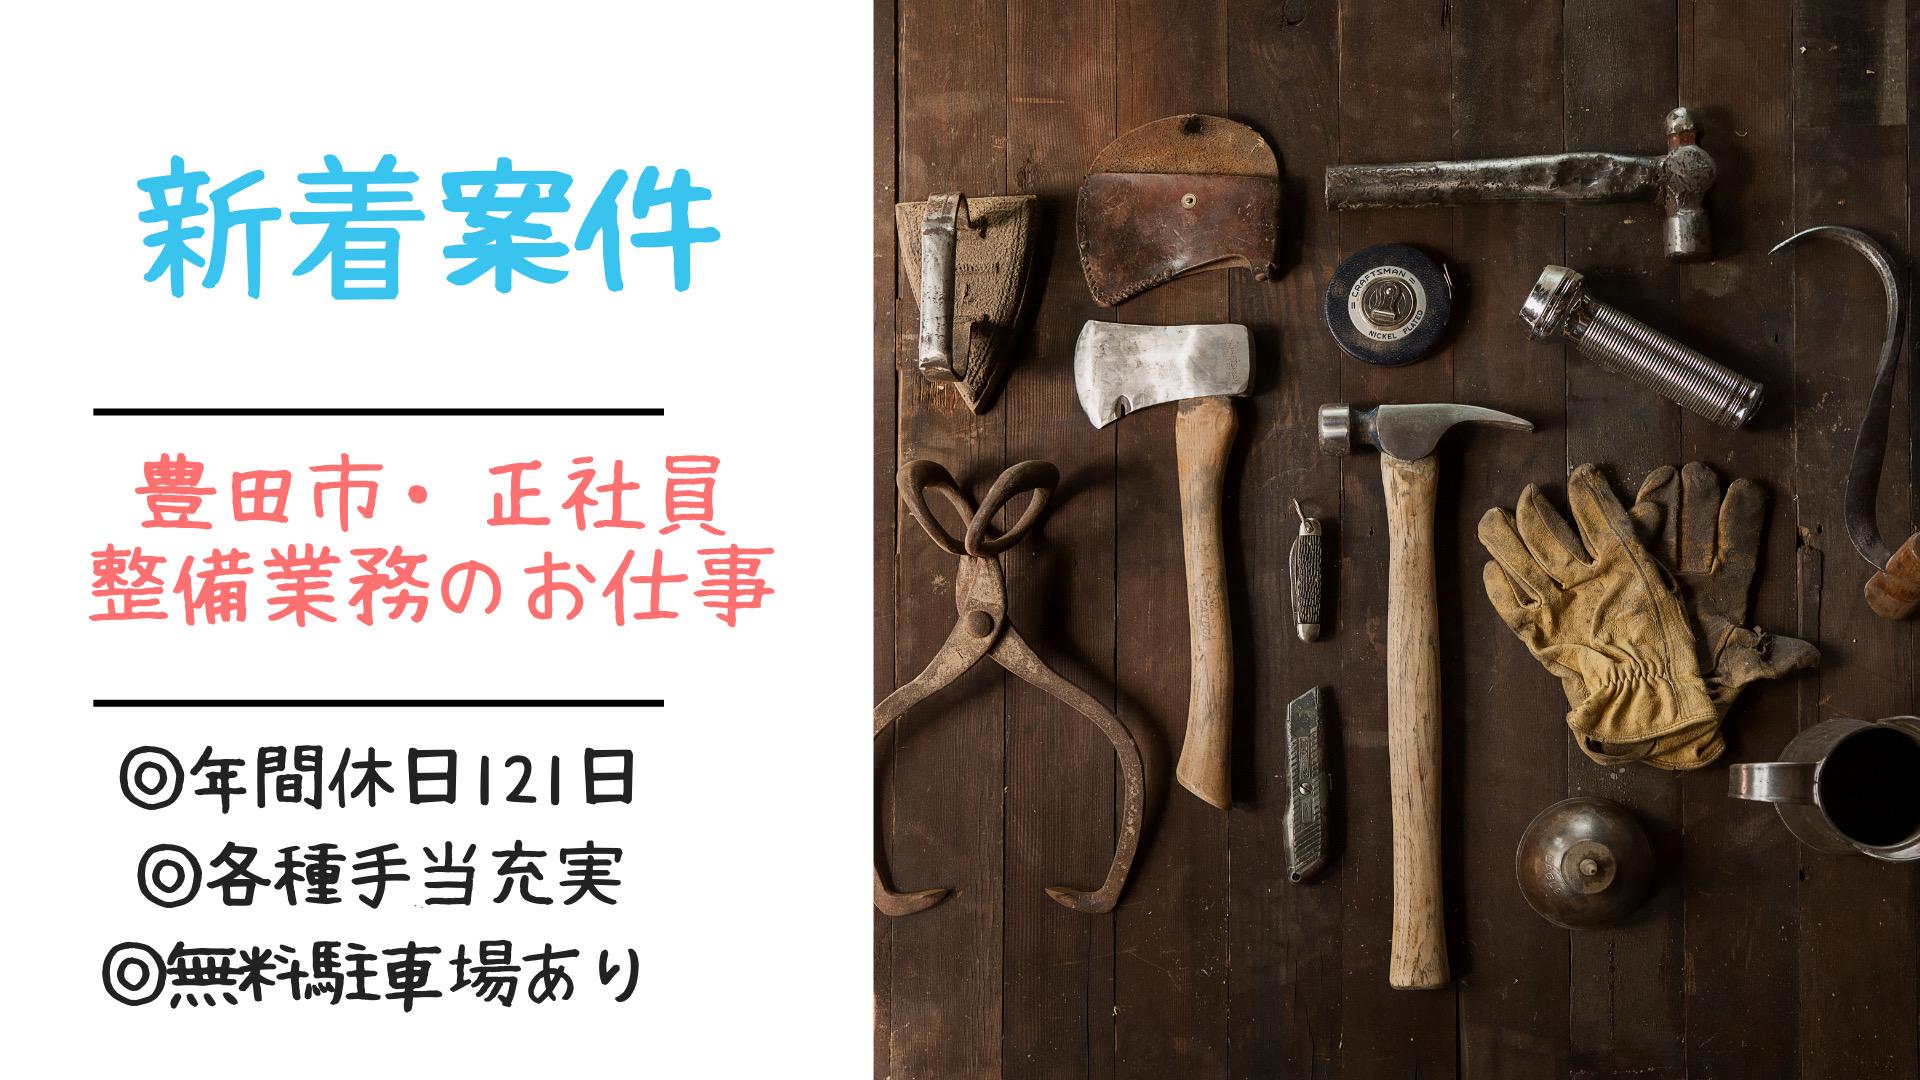 即面談可能【愛知県豊田市・オートサービス/トラック・バス・リフトの整備[正社員]】整備経験のある方はもちろん、未経験でも「整備スキルを身につけたい」方の応募も歓迎します。 イメージ